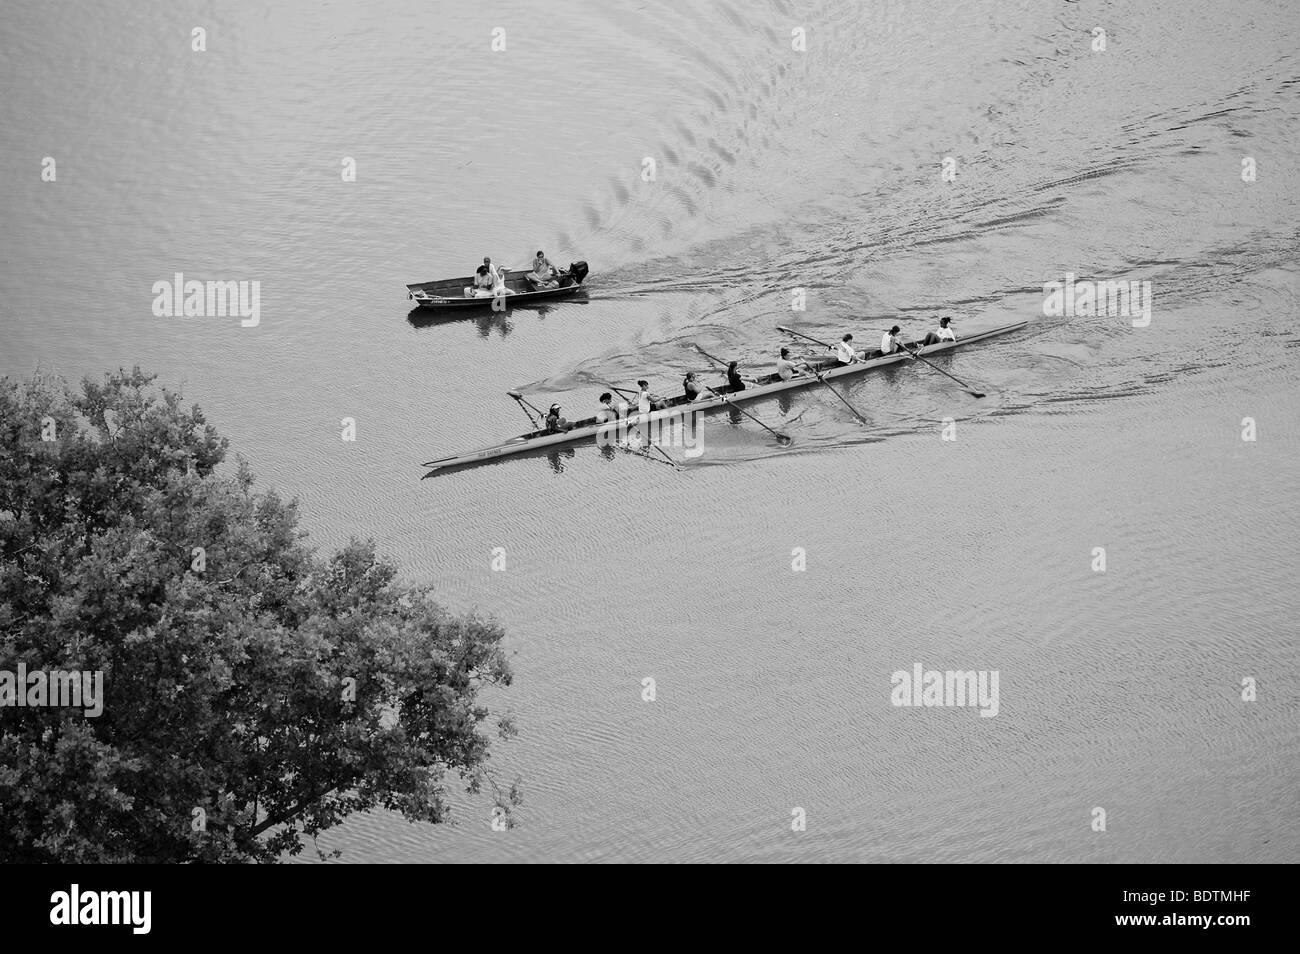 Los remeros de la tripulación la práctica de remo en un 8 / 8 persona cráneo sobre el río Schuylkill Imagen De Stock